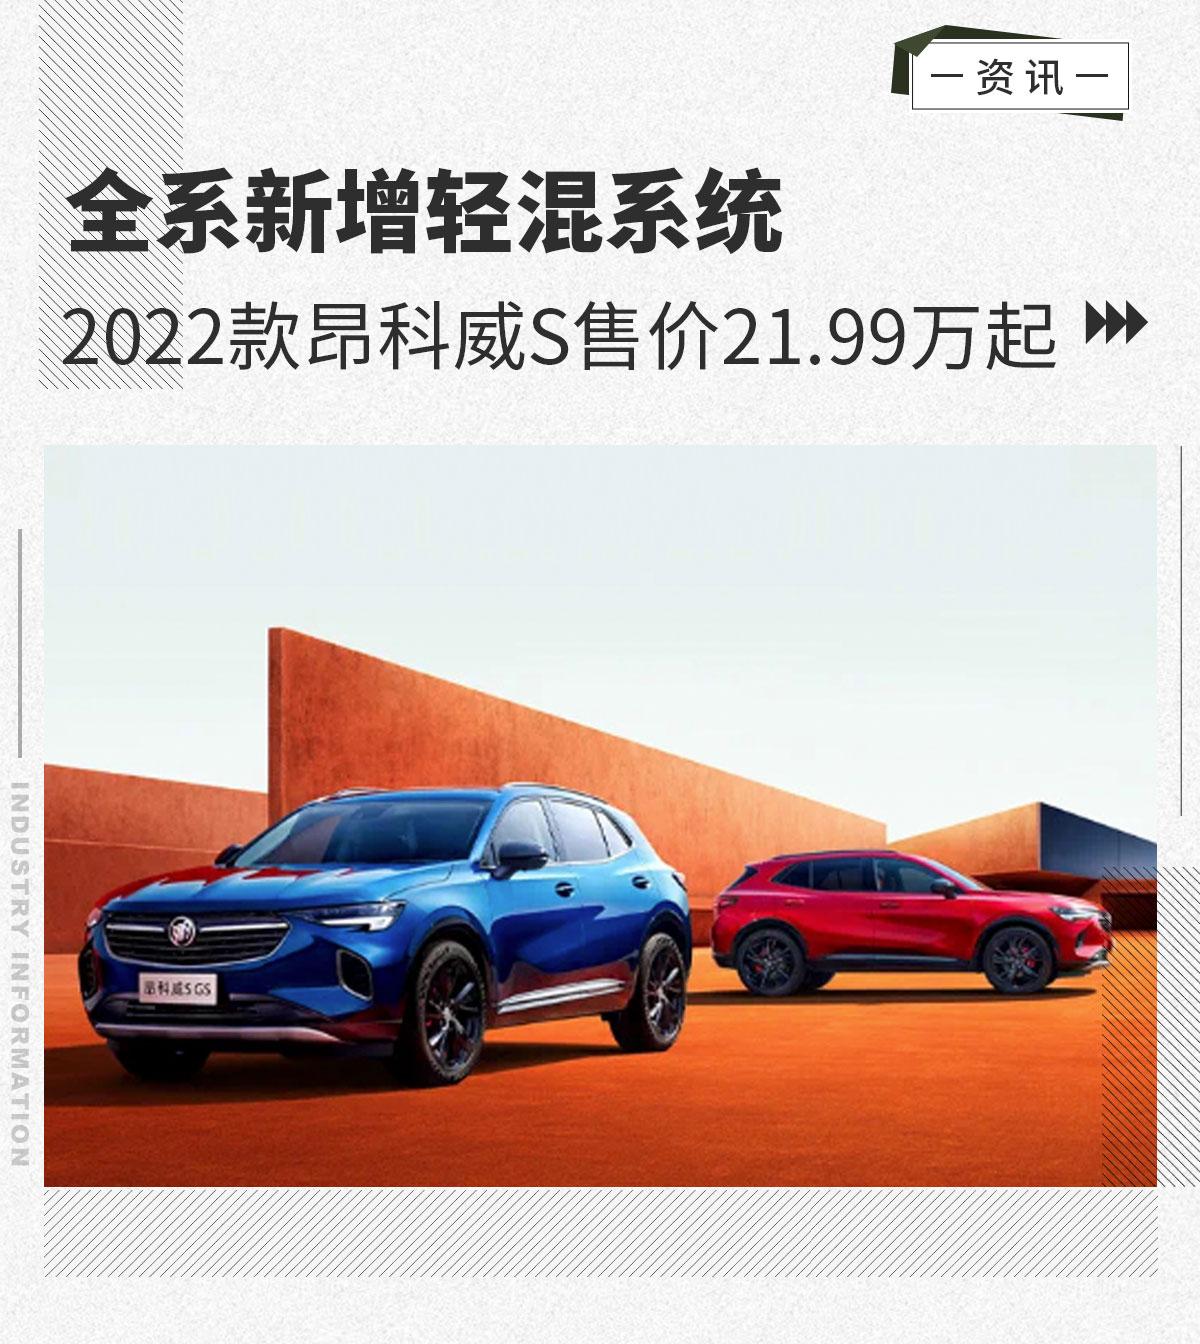 全系新增轻混系统 2022款昂科威S售价21.99万起